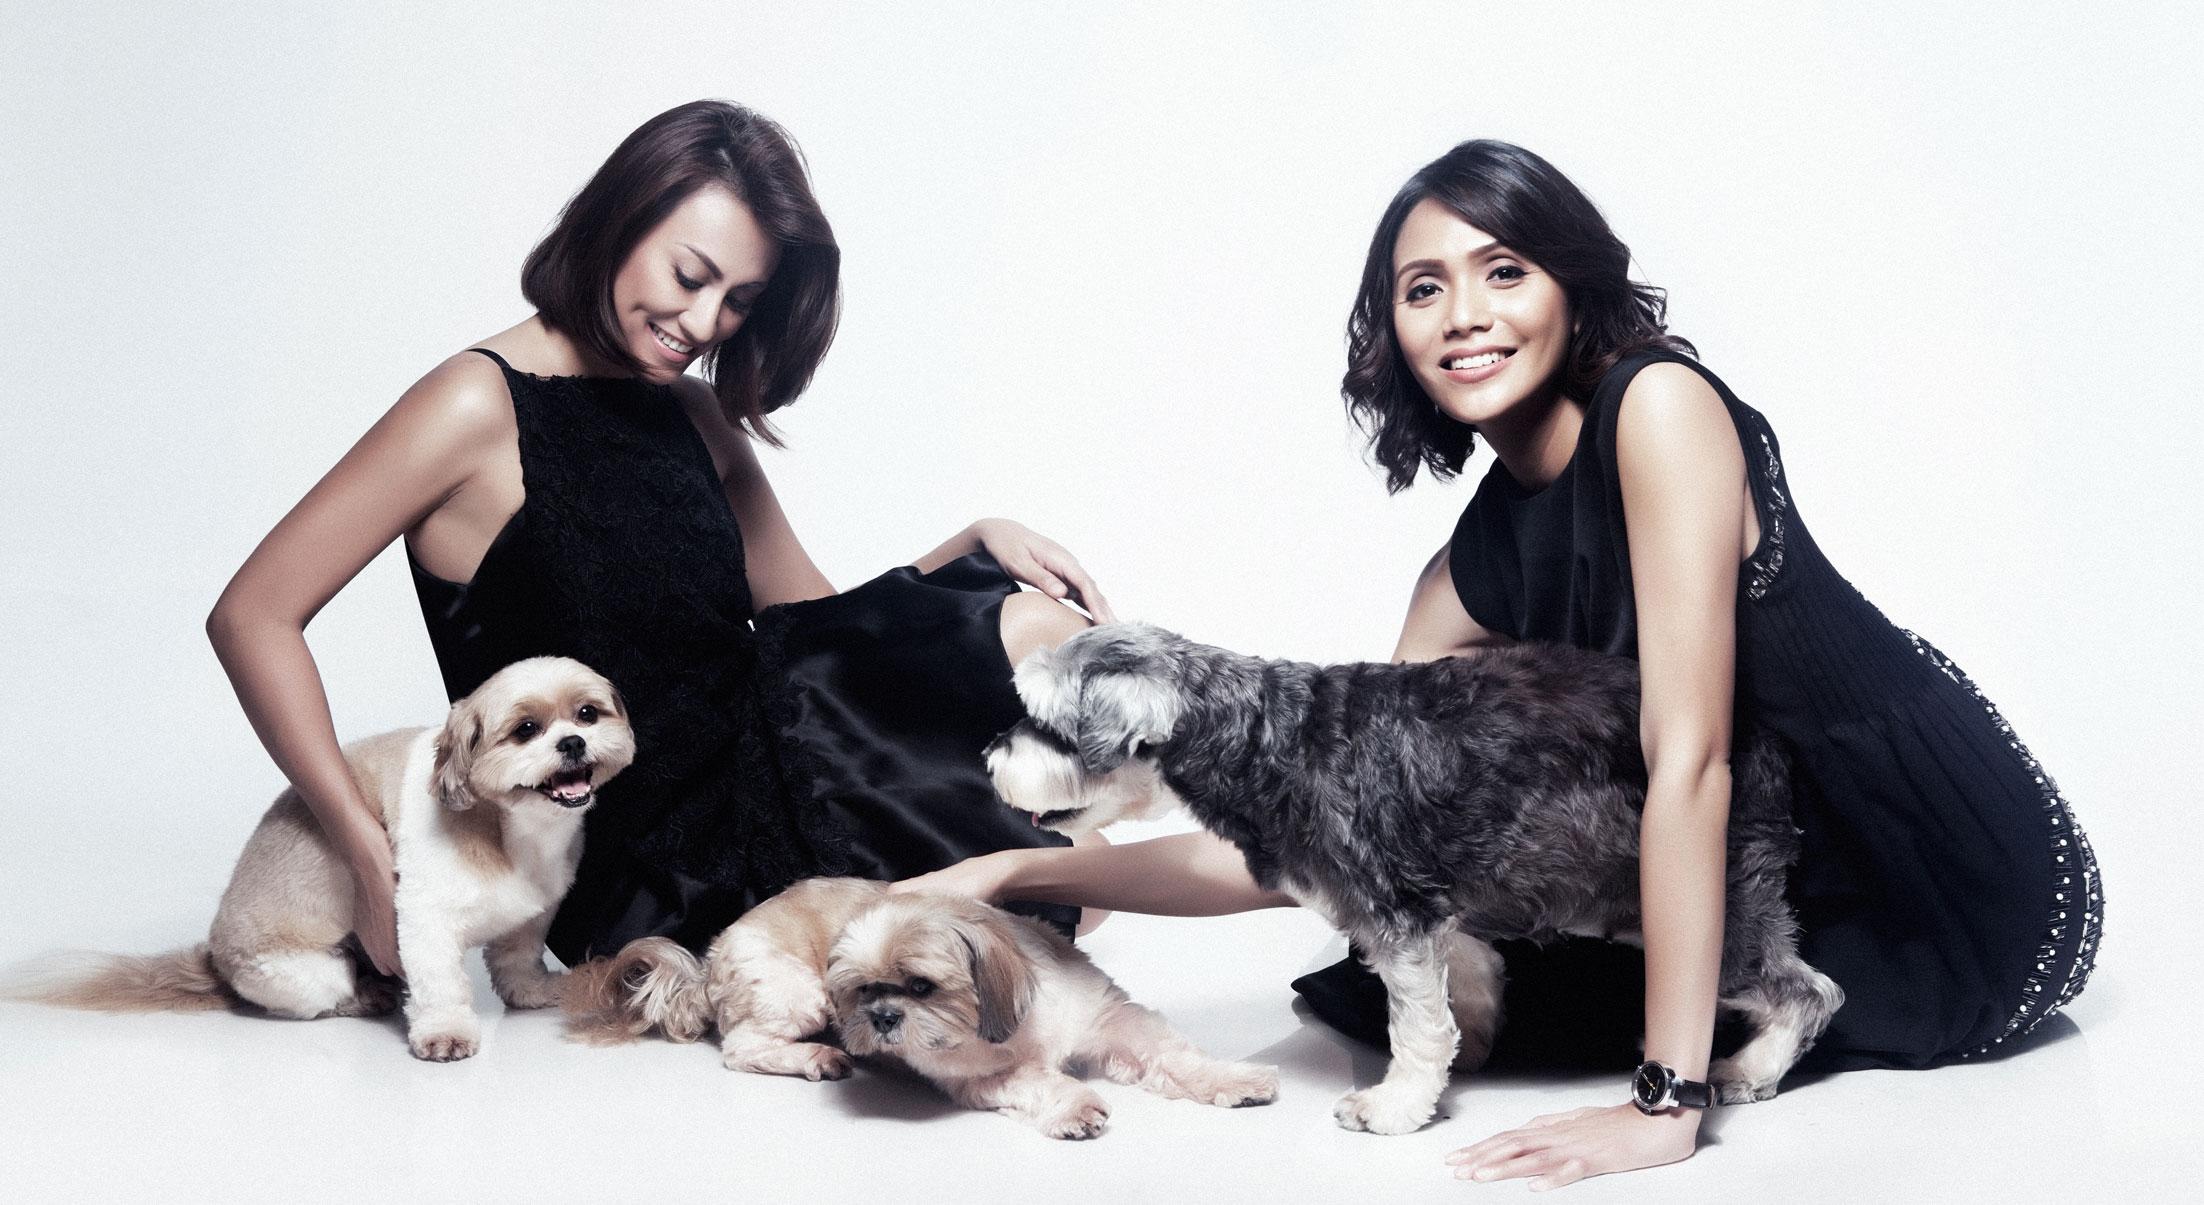 Ini 5 Hal Tentang Persahabatan Pecinta Binatang Davina Veronica & Andini Effendi